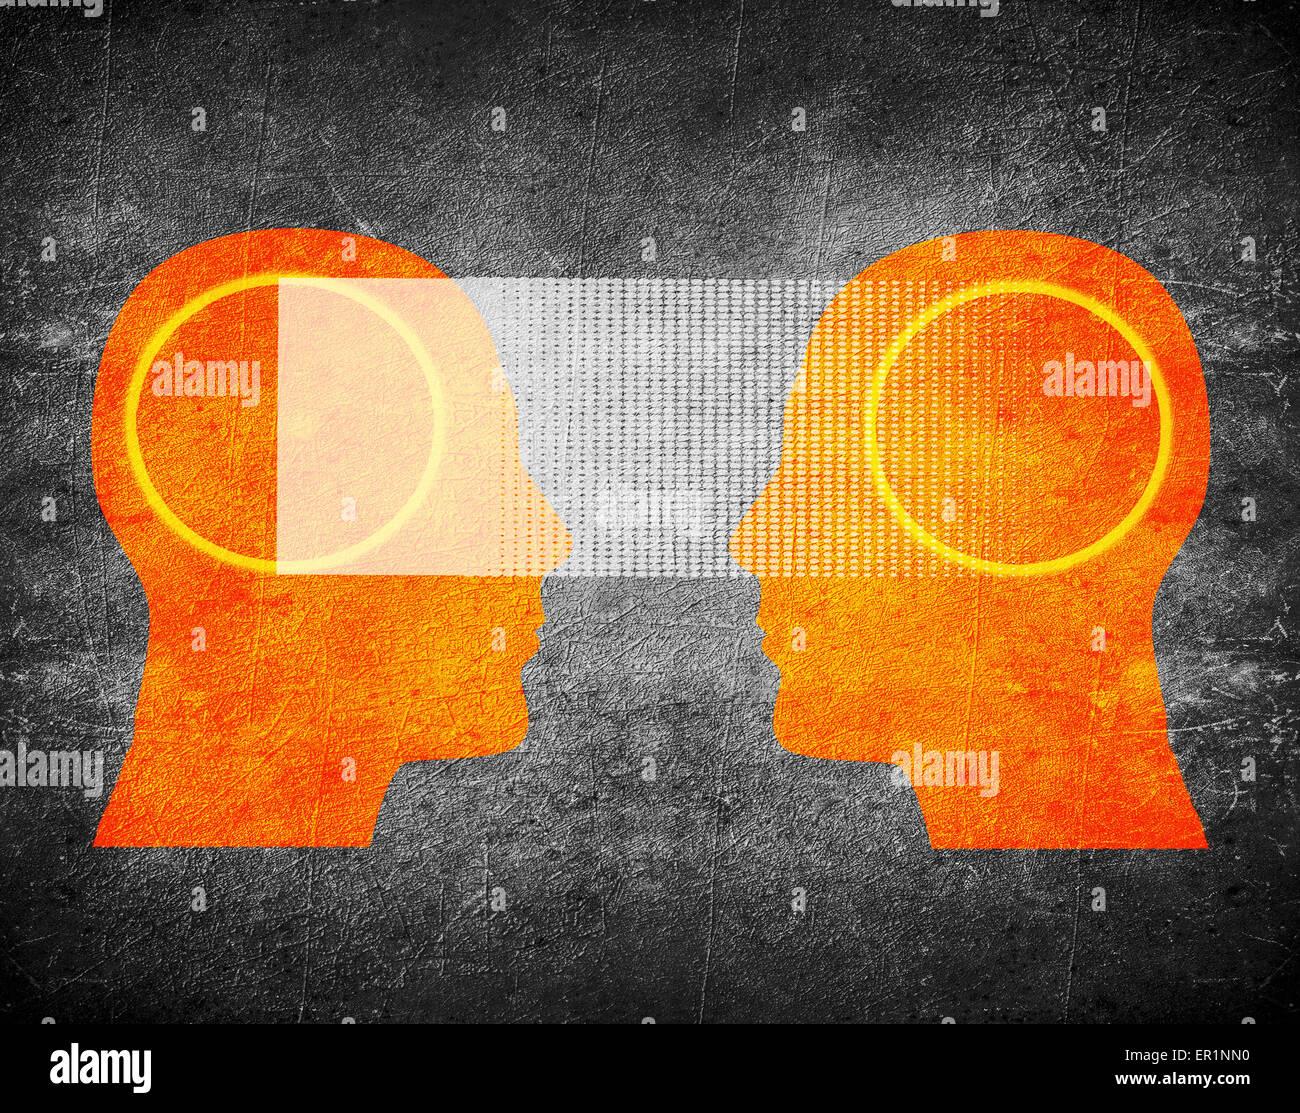 Telepatía concepto ilustración digital Imagen De Stock